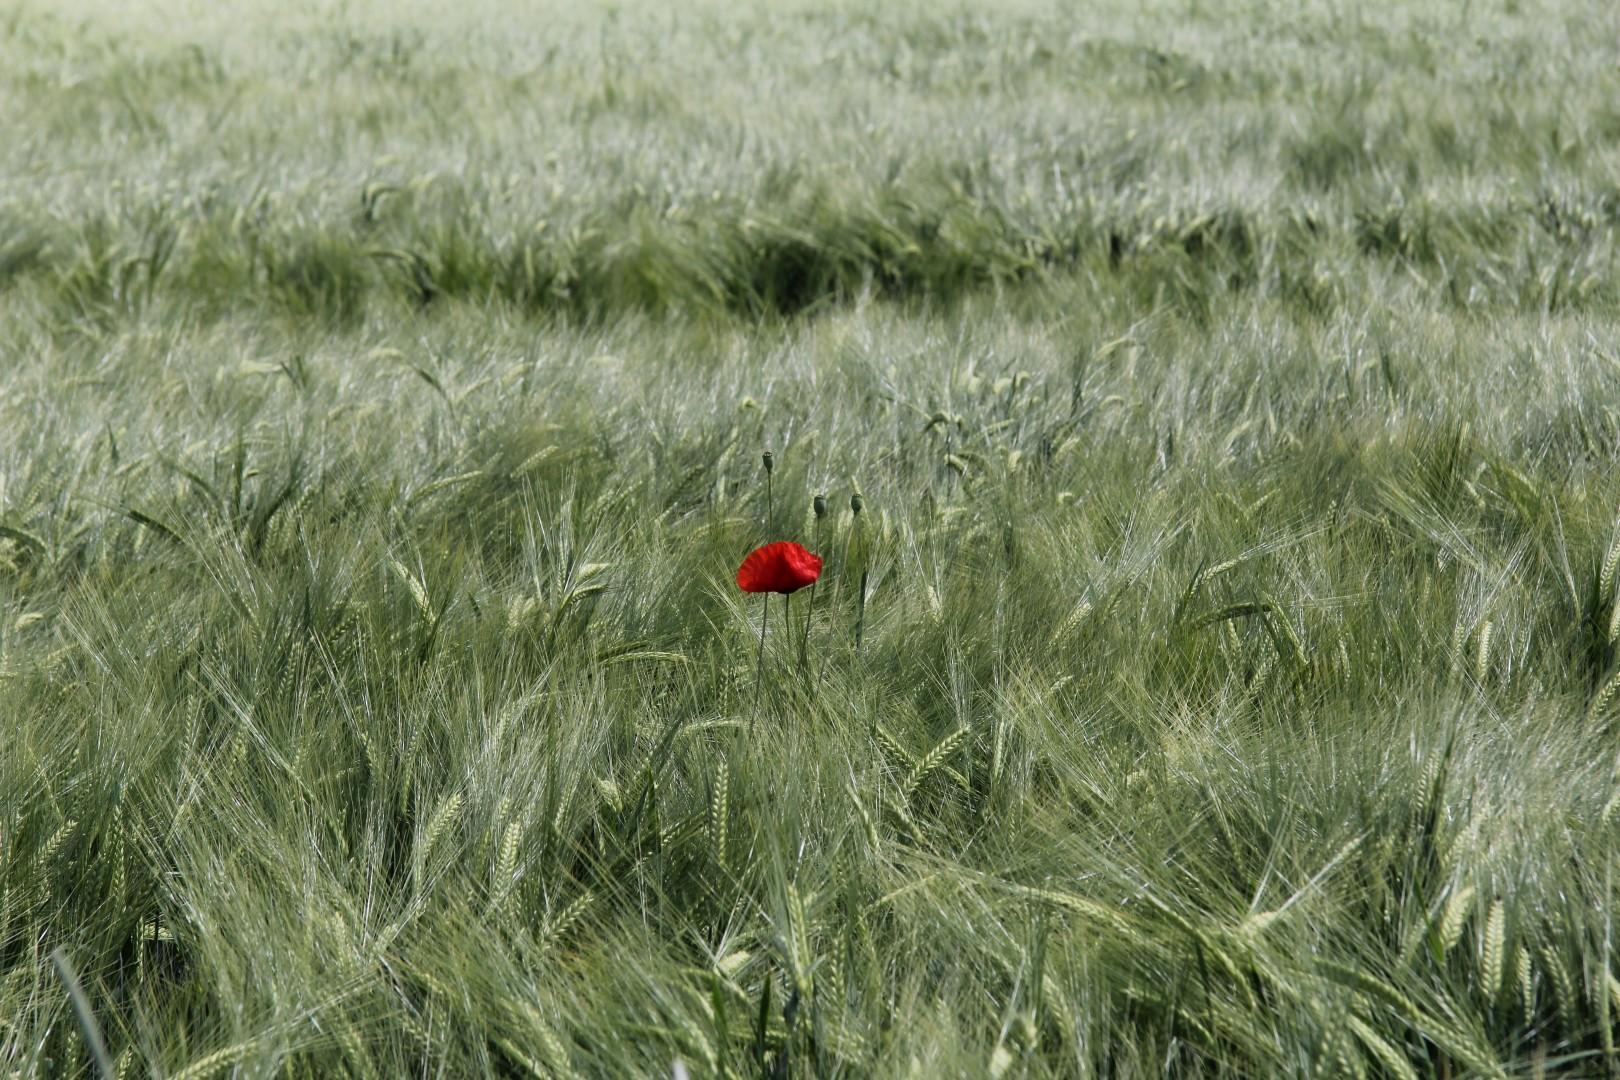 Einsame Mohnblume im Feld Original